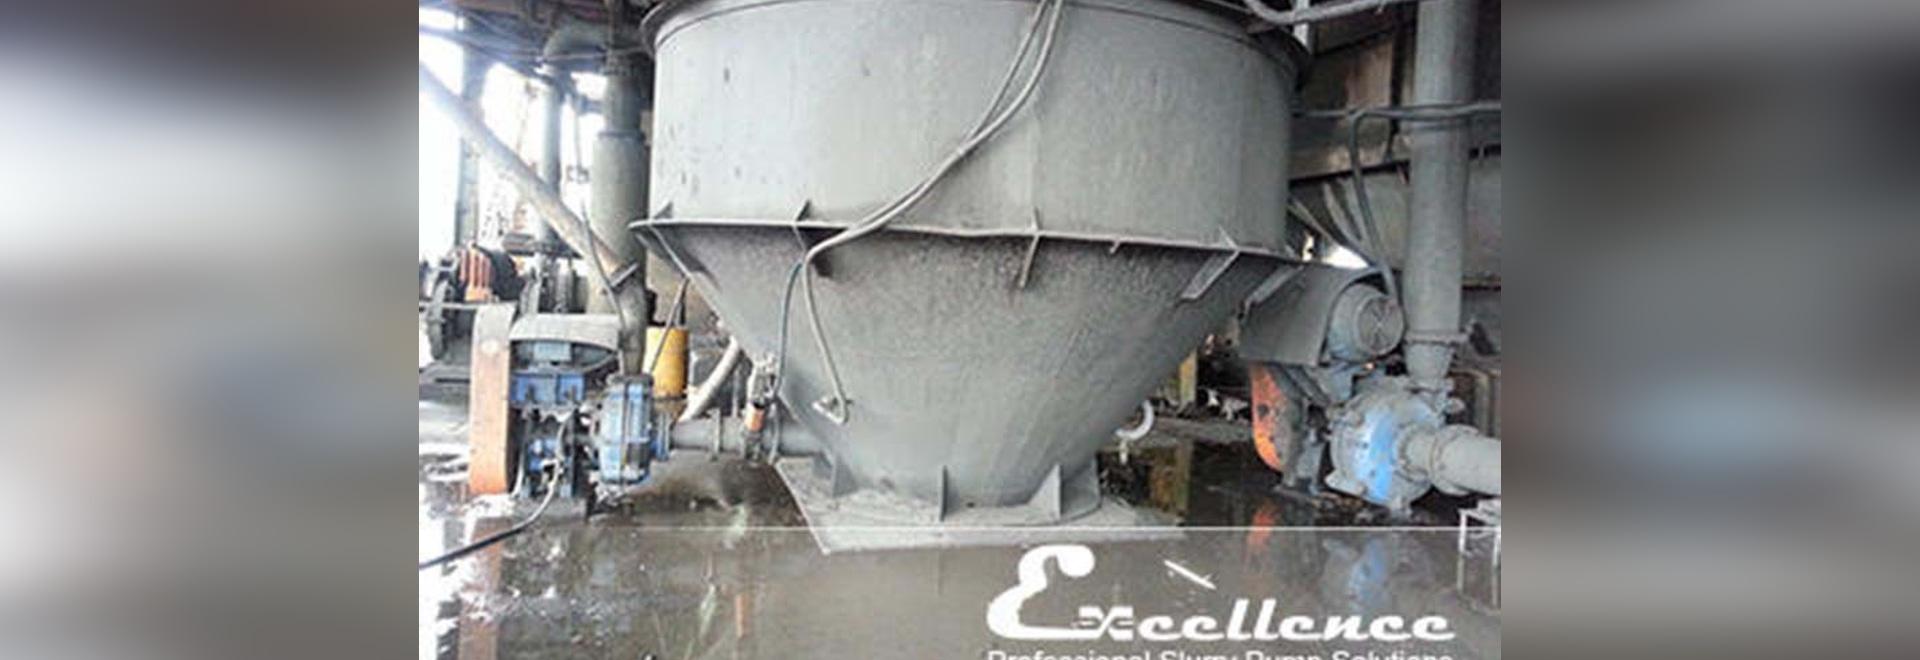 Coal Washing